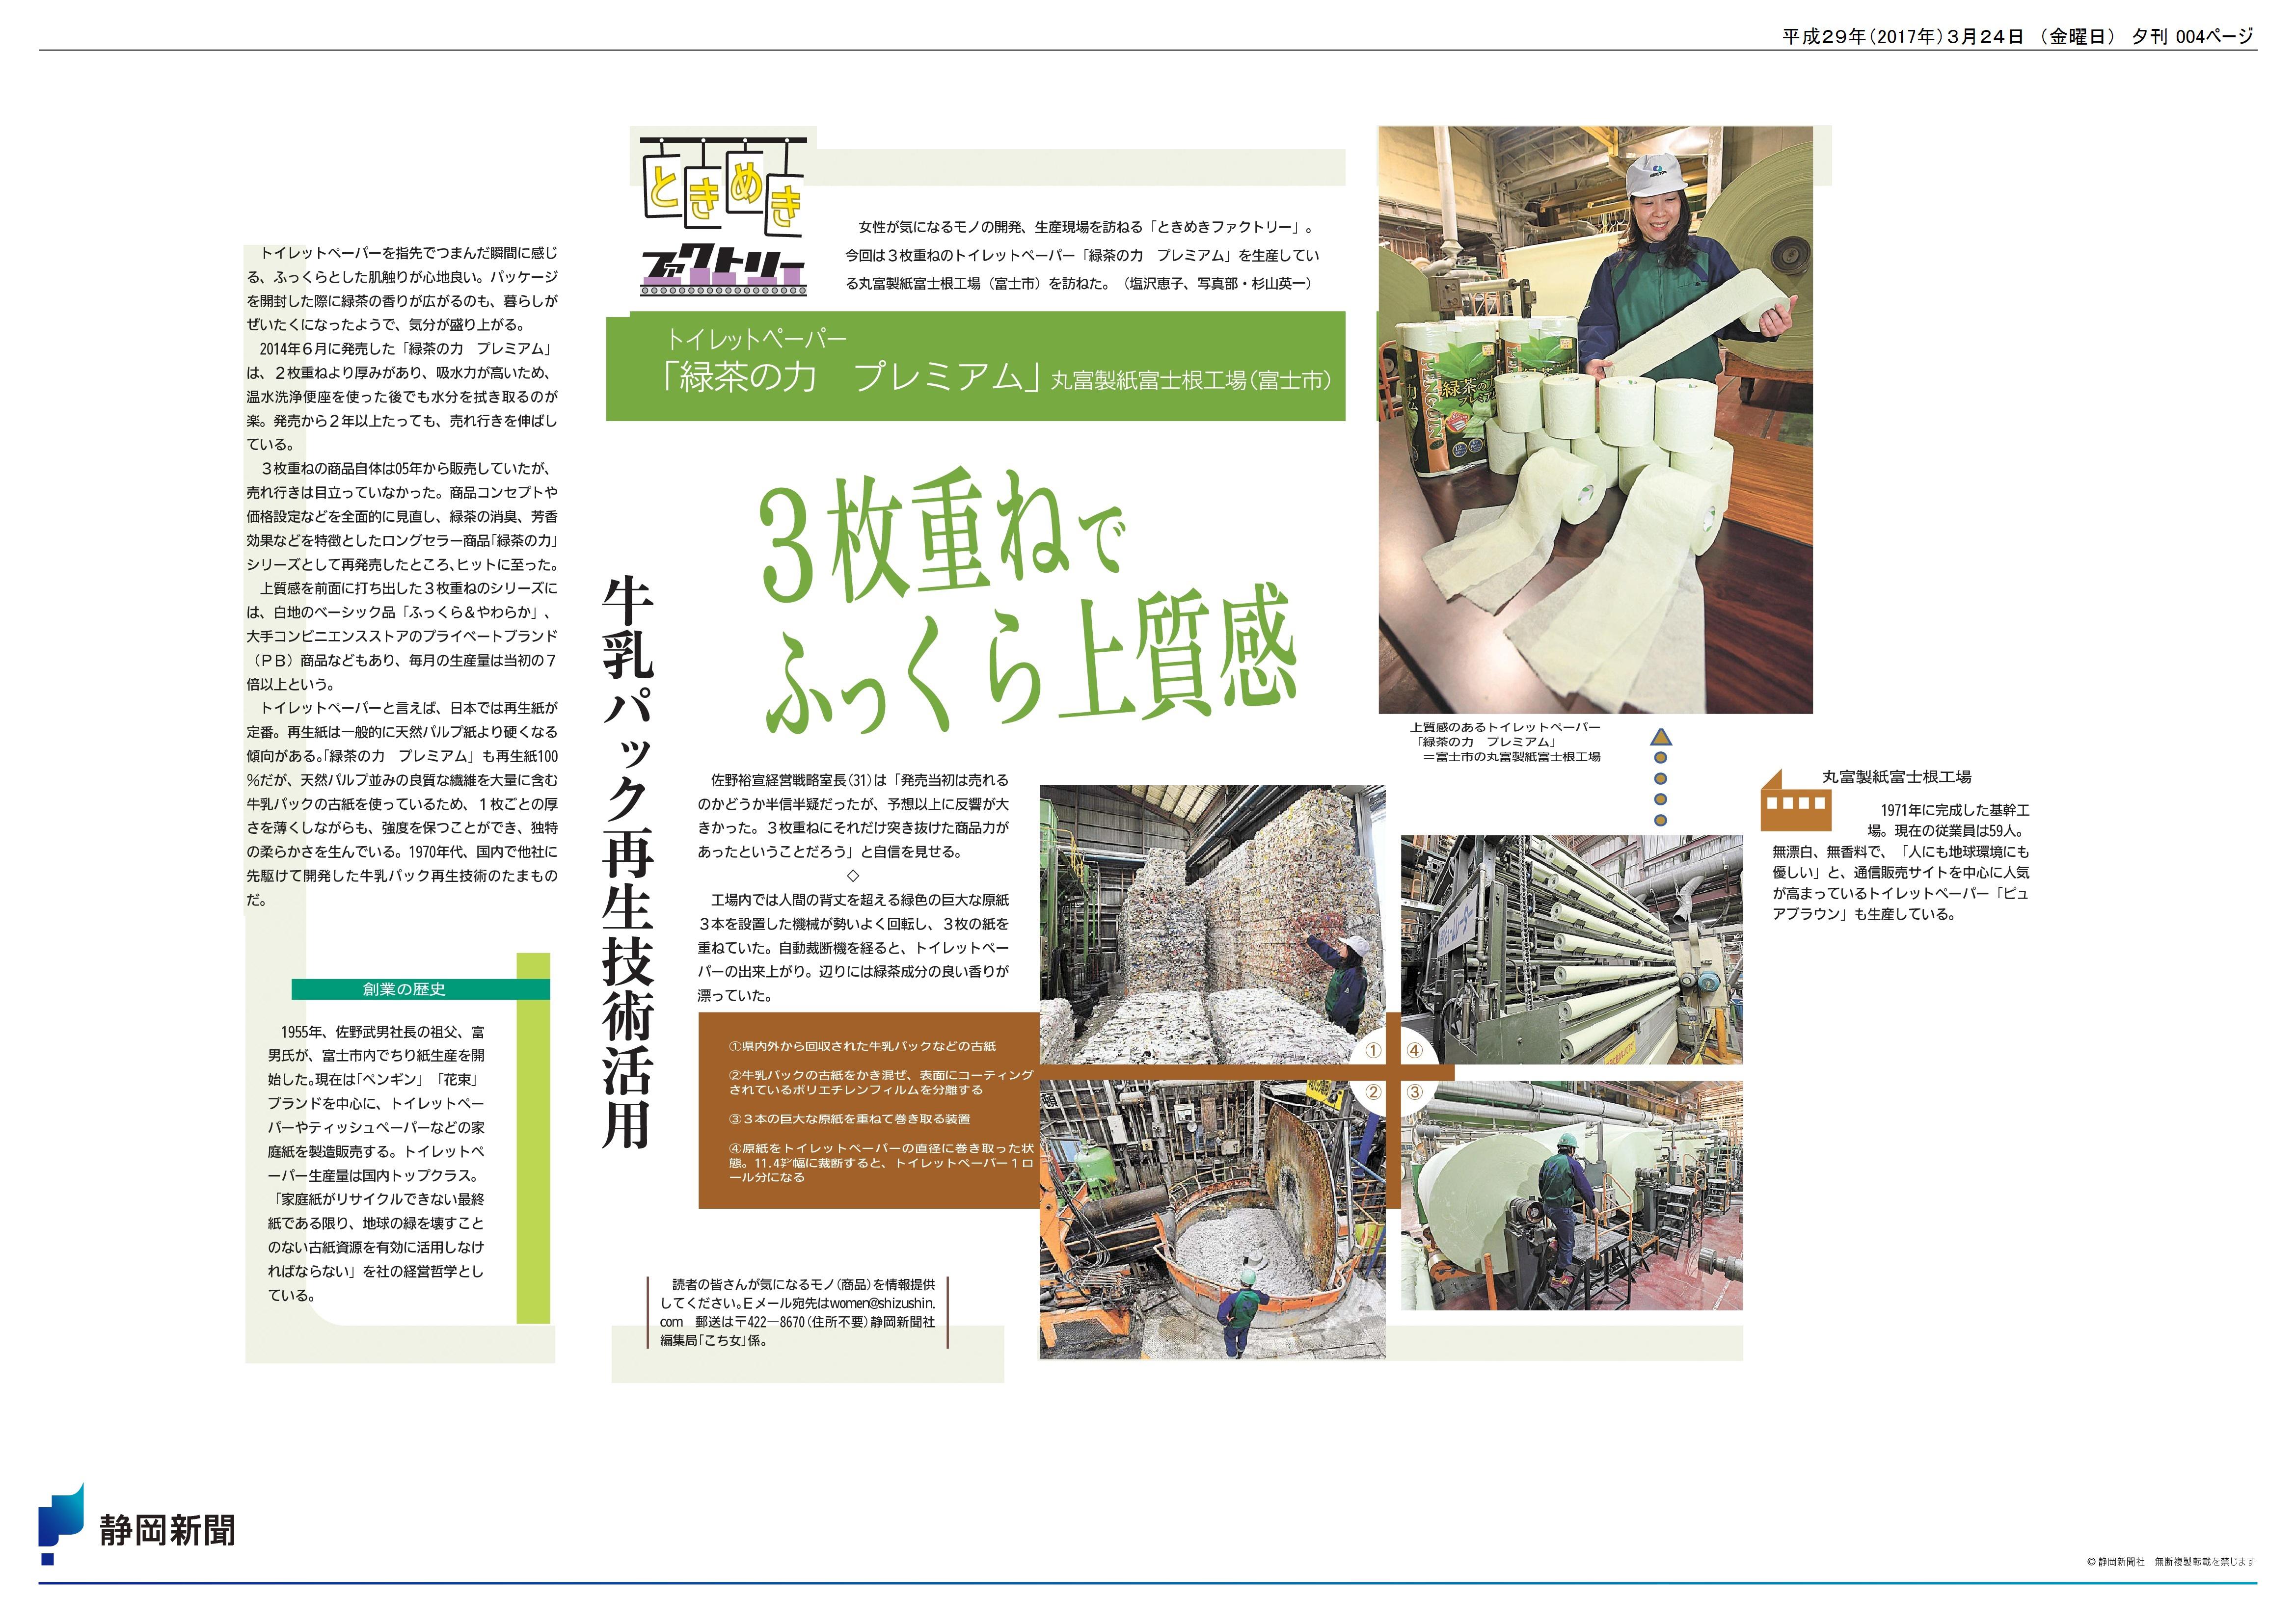 2017.03.29-【静岡新聞】こち女 ときめきファクトリー20170324 丸富製紙 (1)